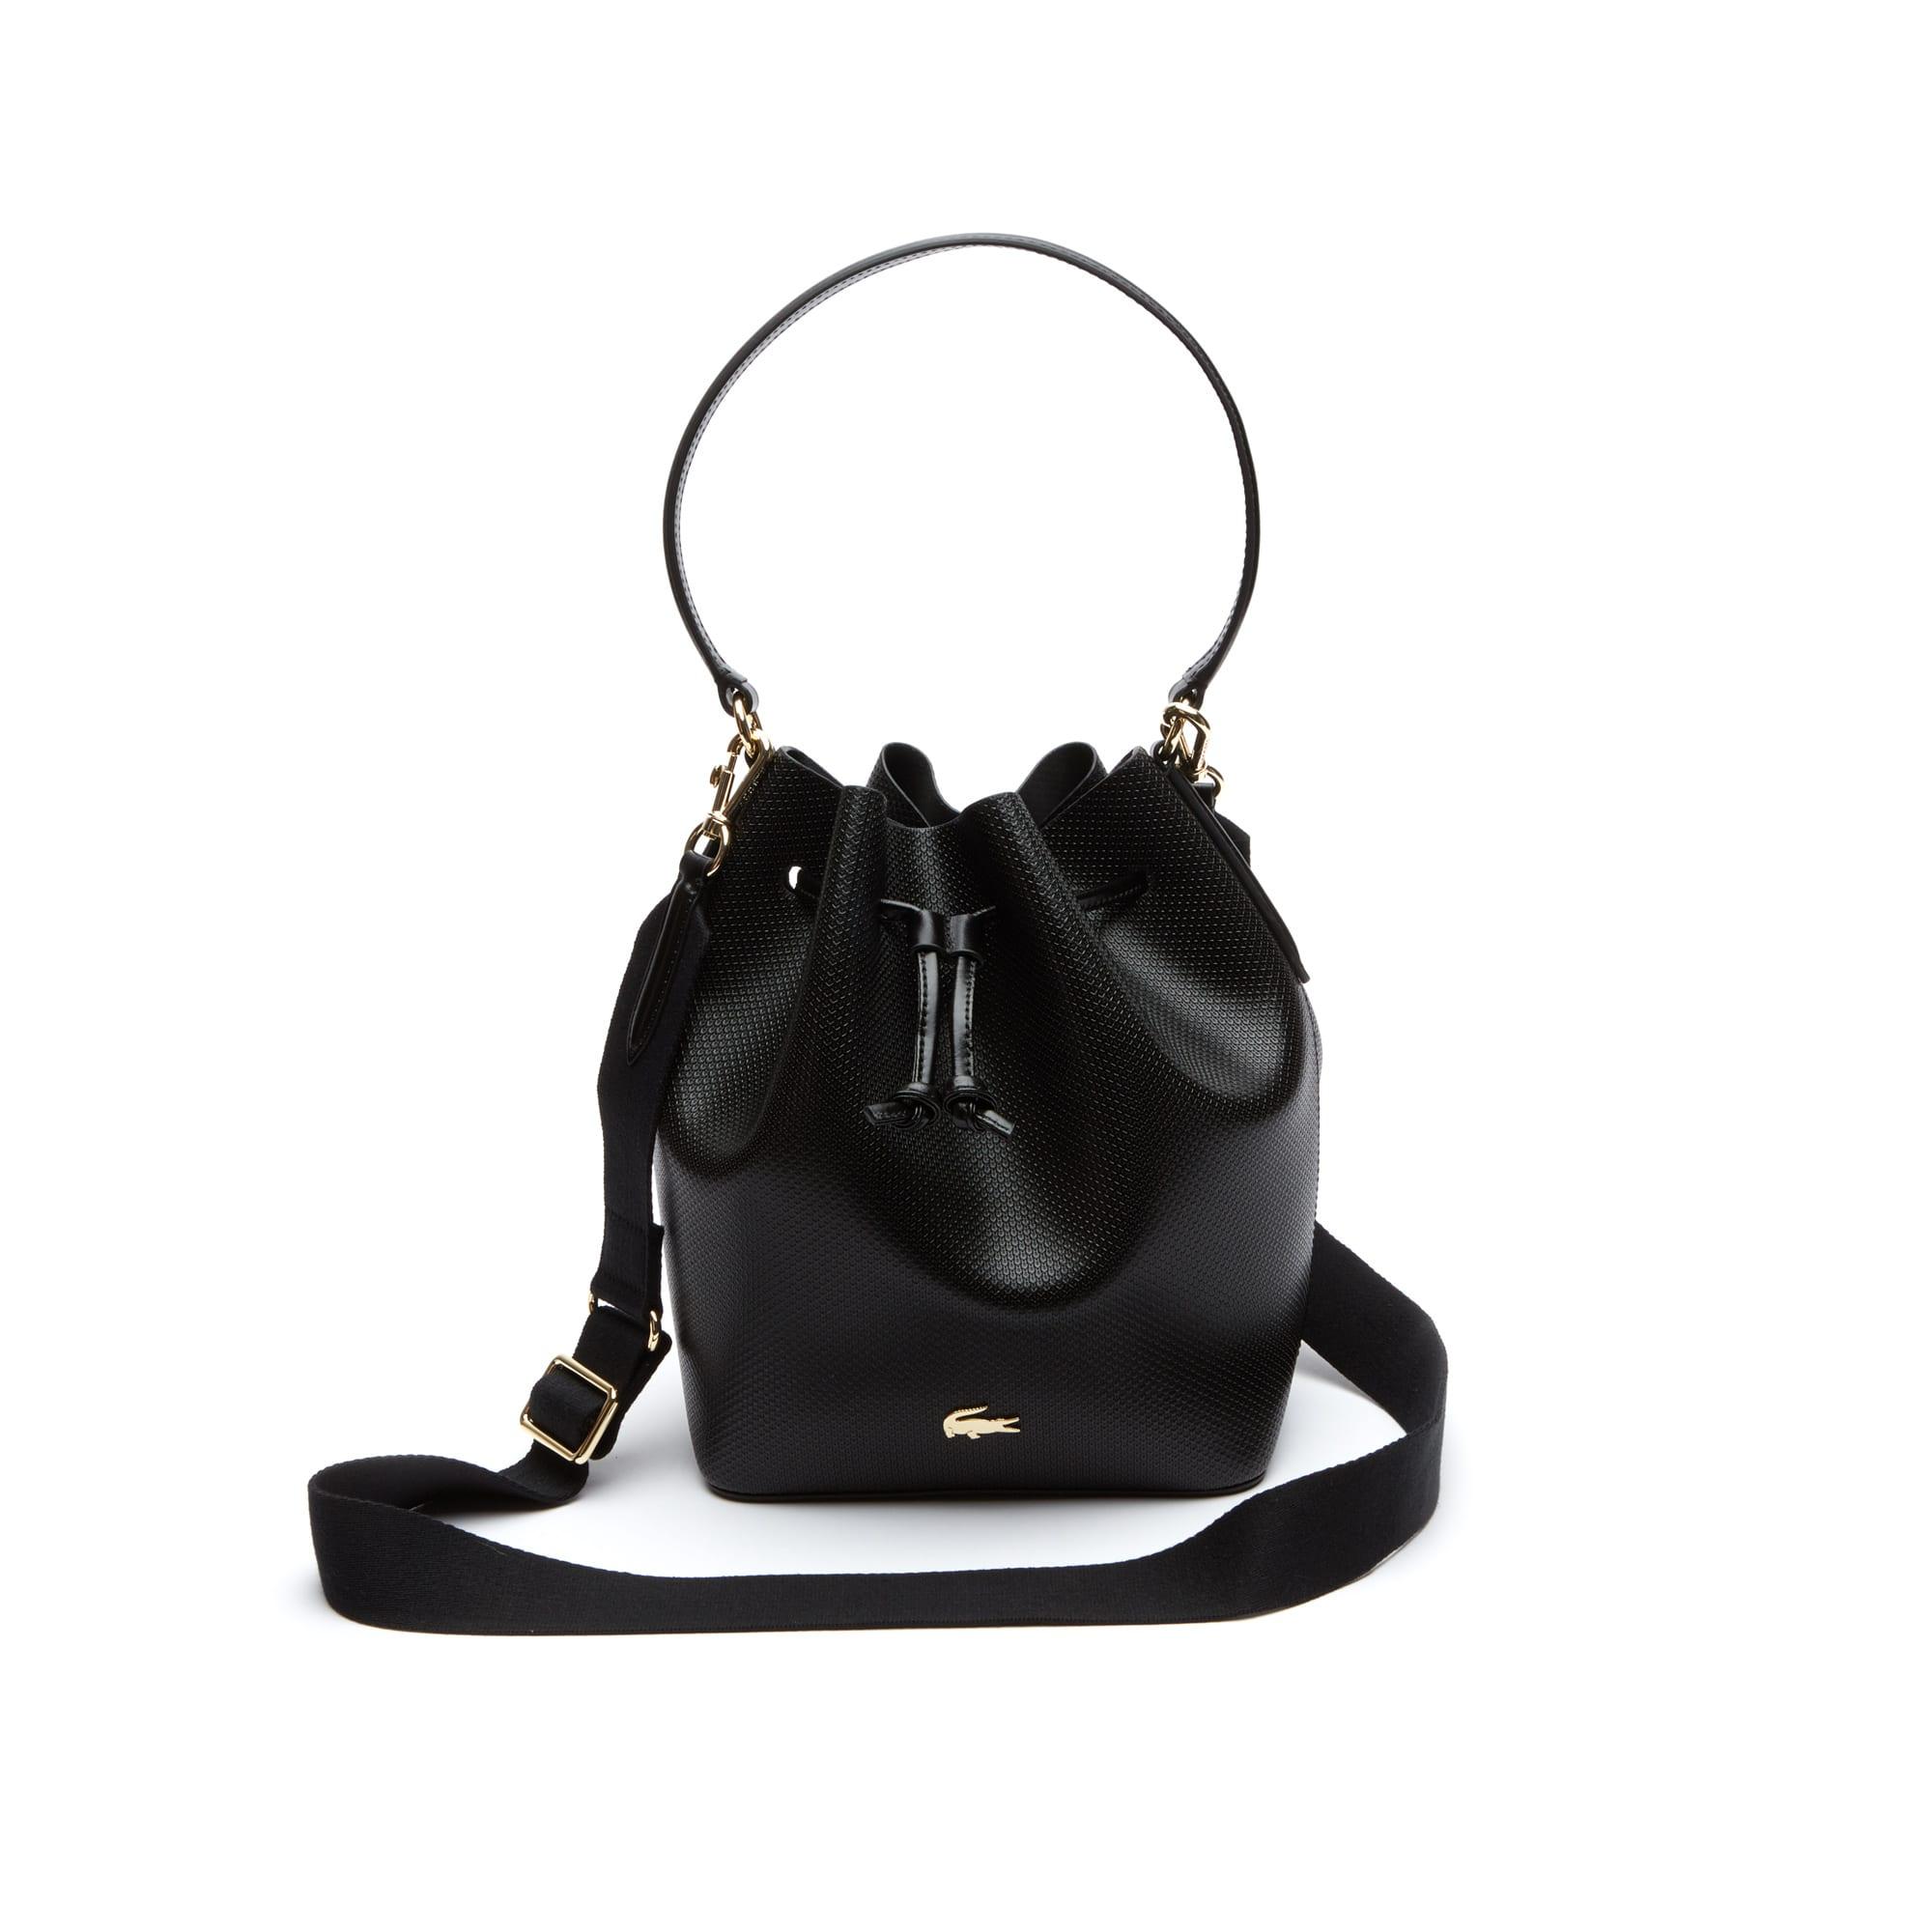 Chantaco-bucketbag dames piquéleer met twee draagmogelijkheden